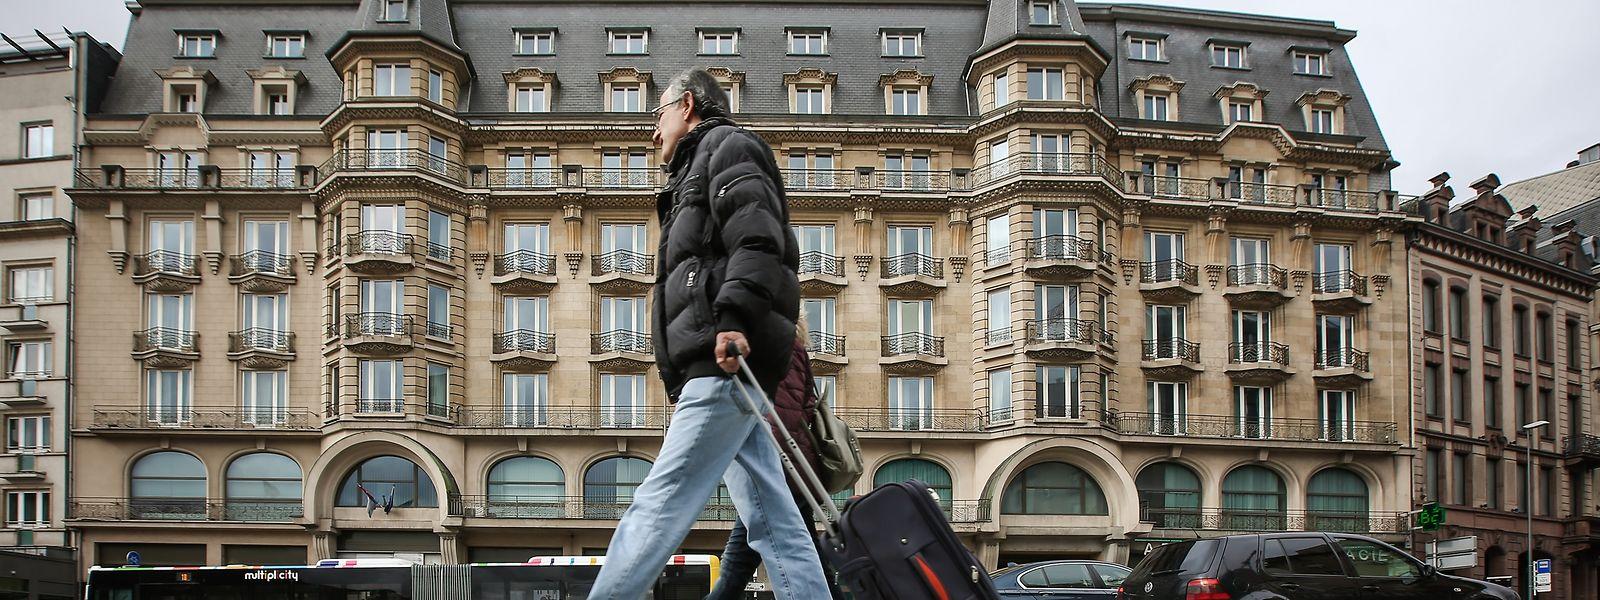 L'emblématique hôtel face à la gare garde ses portes closes depuis un an. La curatrice Yvette Hamilius travaille encore sur «l'addition» dans le cadre de la procédure de faillite initiée le 2 juin.